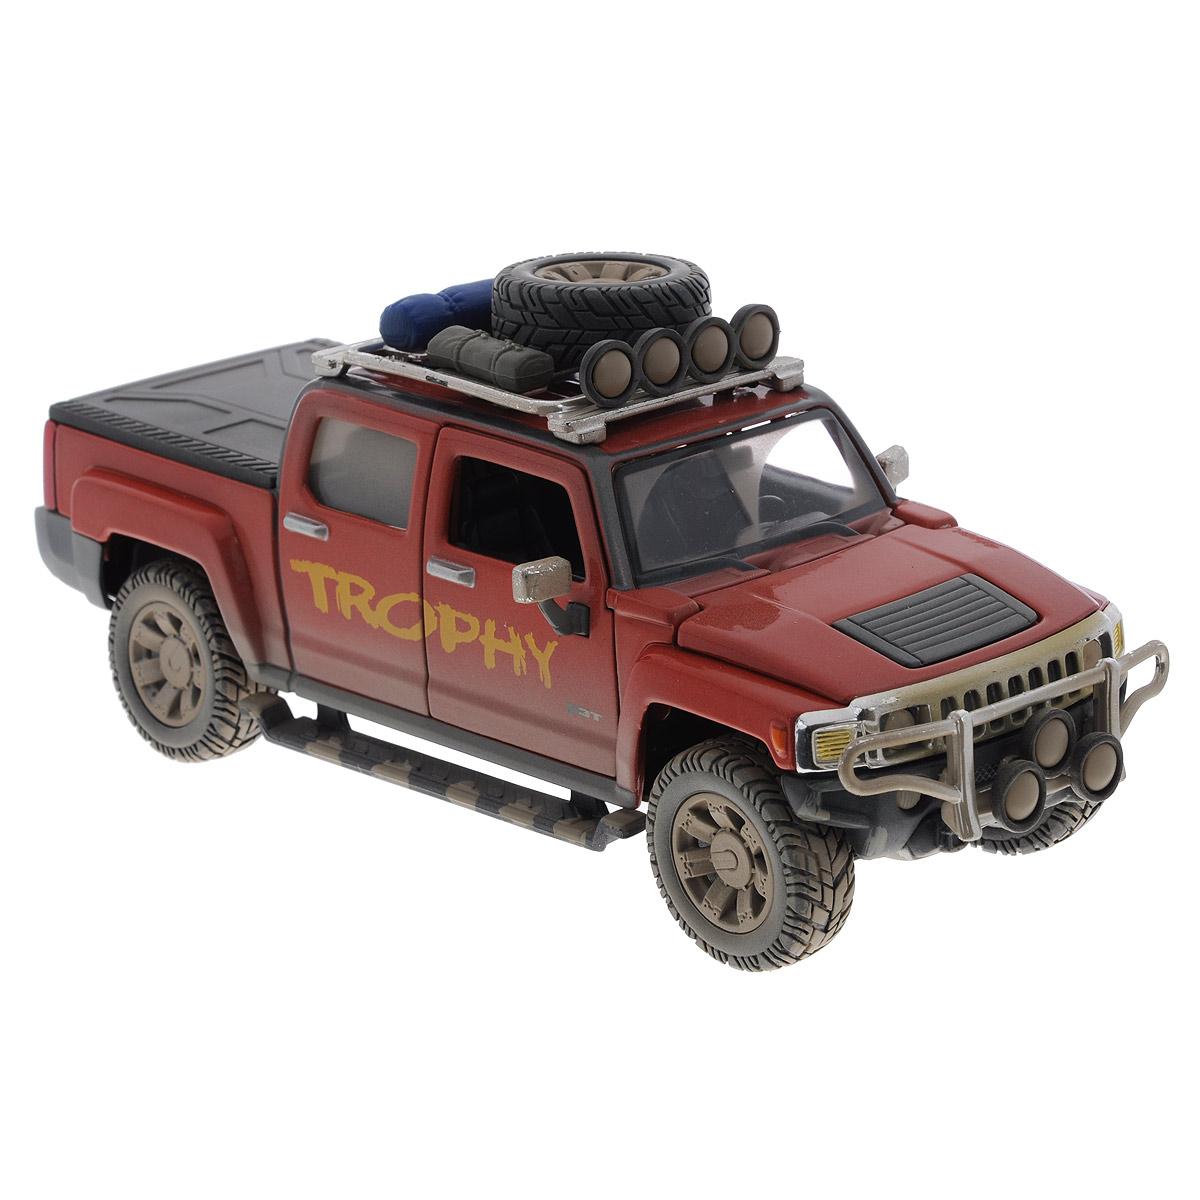 Maisto Модель автомобиля Hammer H3T цвет песочный32131Коллекционная модель Maisto Hammer H3T - миниатюрная копия настоящего автомобиля. Стильная модель автомобиля привлечет к себе внимание не только детей, но и взрослых. Модель имеет литой металлический корпус с высокой детализацией двигателя, интерьера салона, дисков, протекторов, выхлопной системы, оснащена колесами из мягкой резины. У машинки открываются дверцы кабины и капот. Игрушка в точности повторяет модель оригинальной техники, подробная детализация в полной мере позволит вам оценить высокую точность копии этой машины! Такая модель станет отличным подарком не только любителю автомобилей, но и человеку, ценящему оригинальность и изысканность, а качество исполнения представит такой подарок в самом лучшем свете.